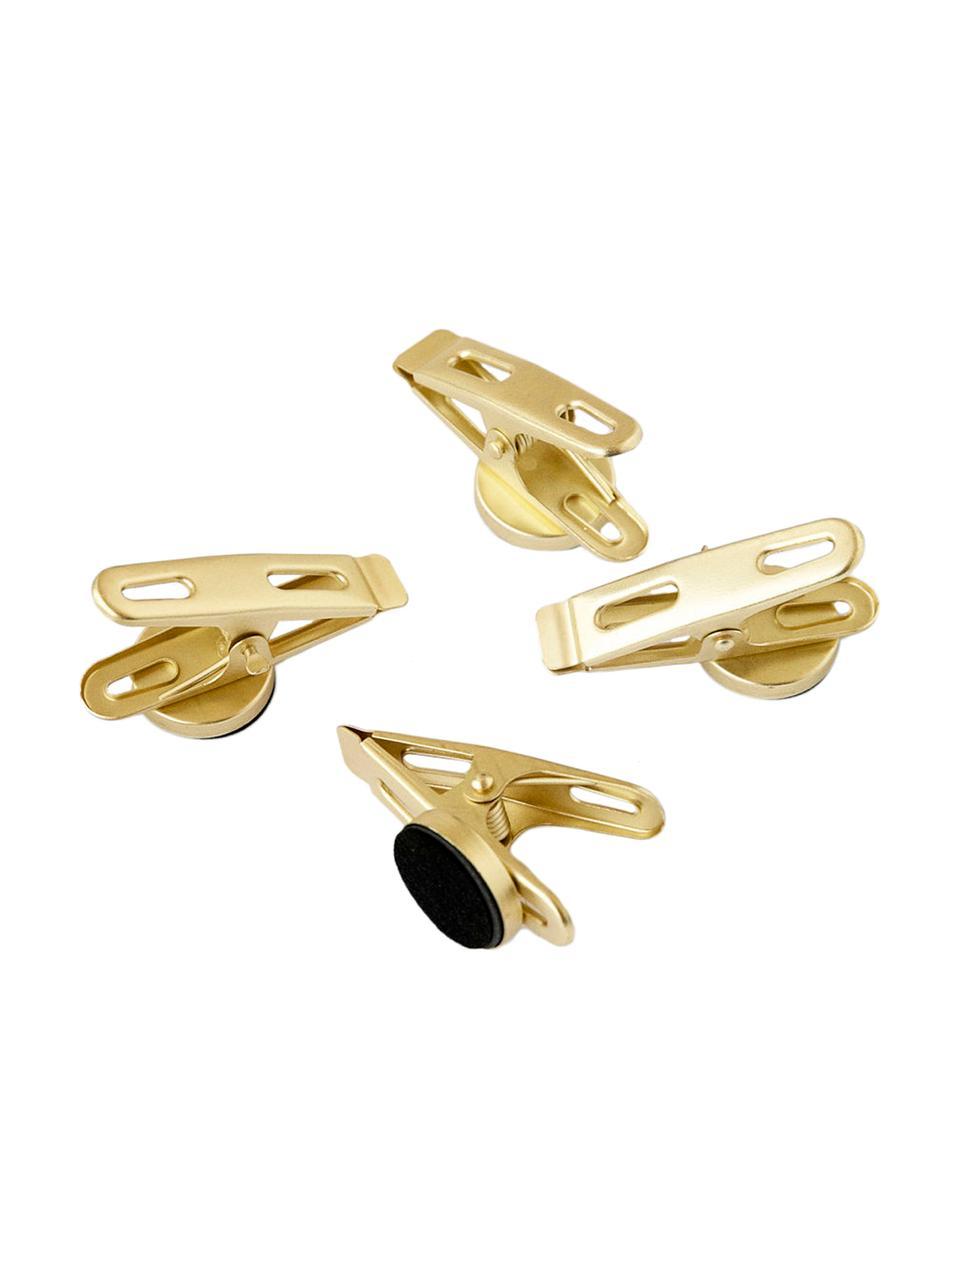 Magnetklammern Clips, 4 Stück, Metall, beschichtet und magnetisch, Messingfarben, 2 x 5 cm